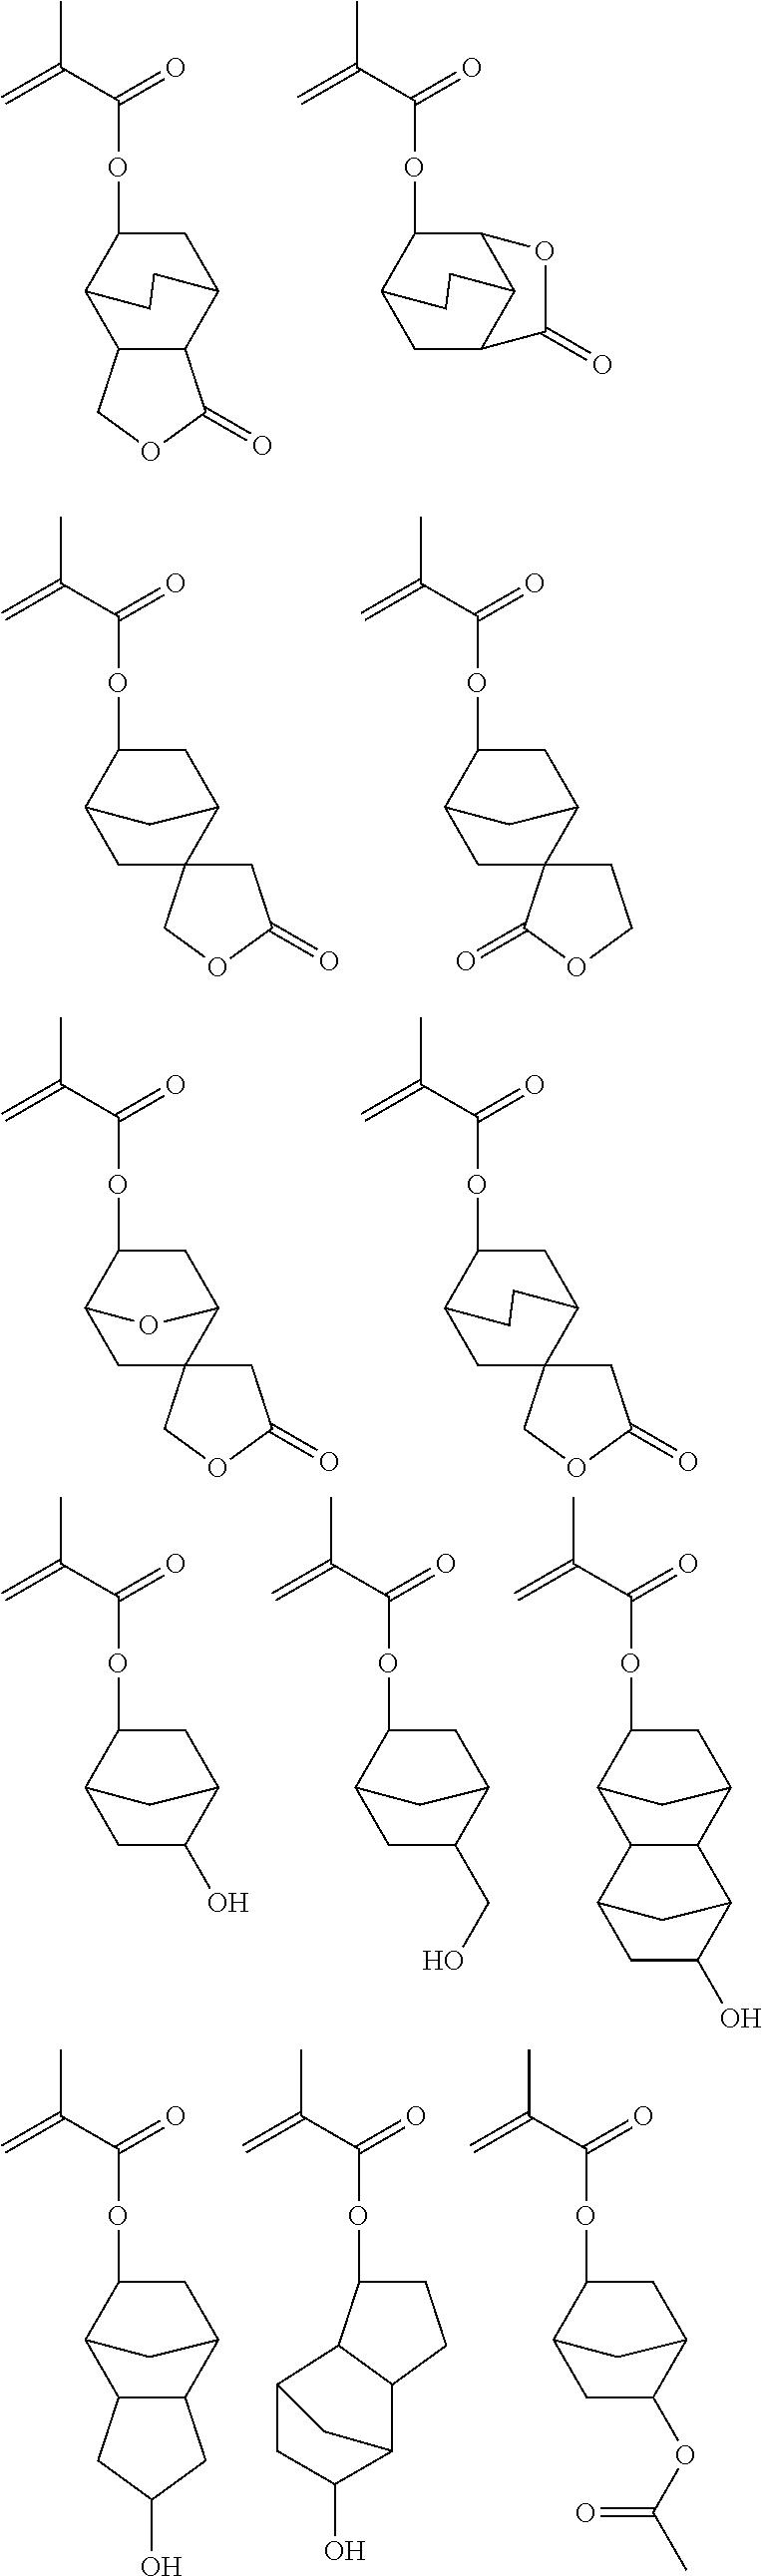 Figure US20110294070A1-20111201-C00035